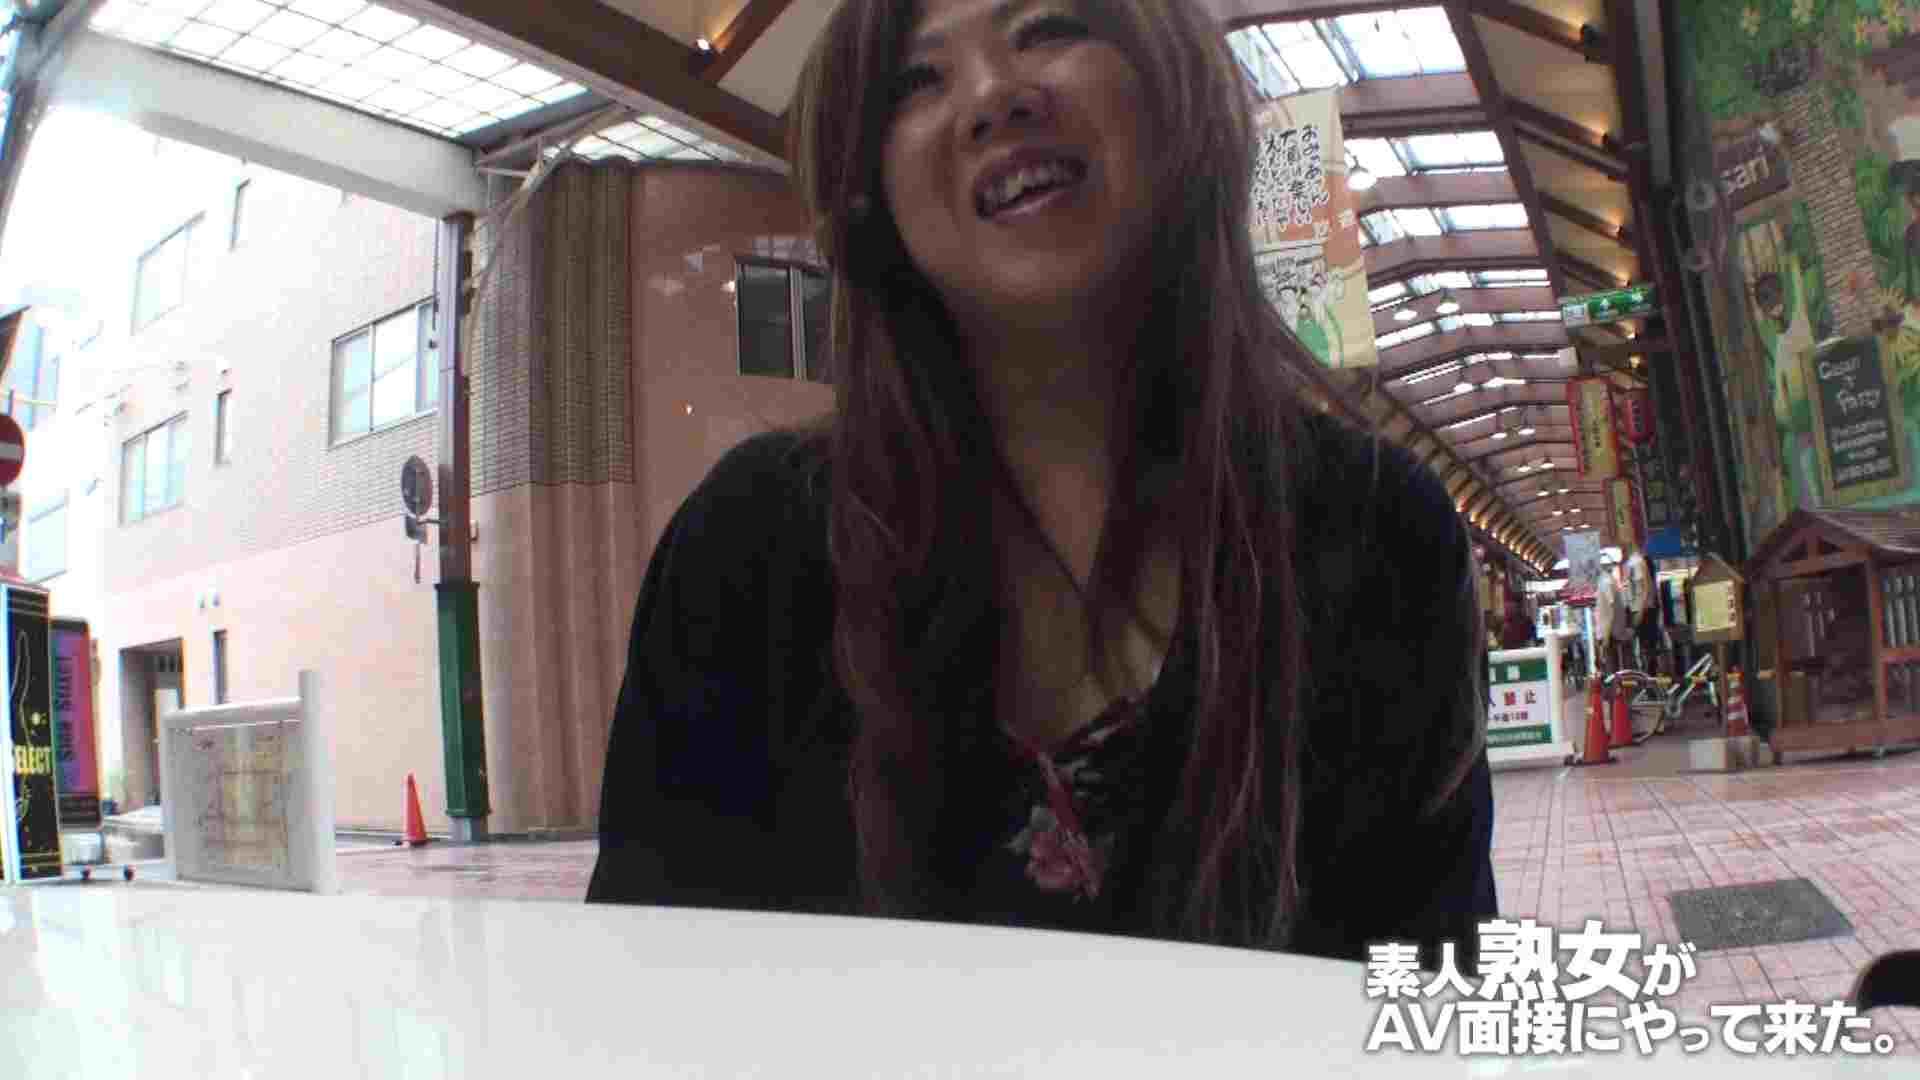 素人熟女がAV面接にやってきた (仮名)ゆかさんVOL.01 痴女 セックス画像 71pic 39